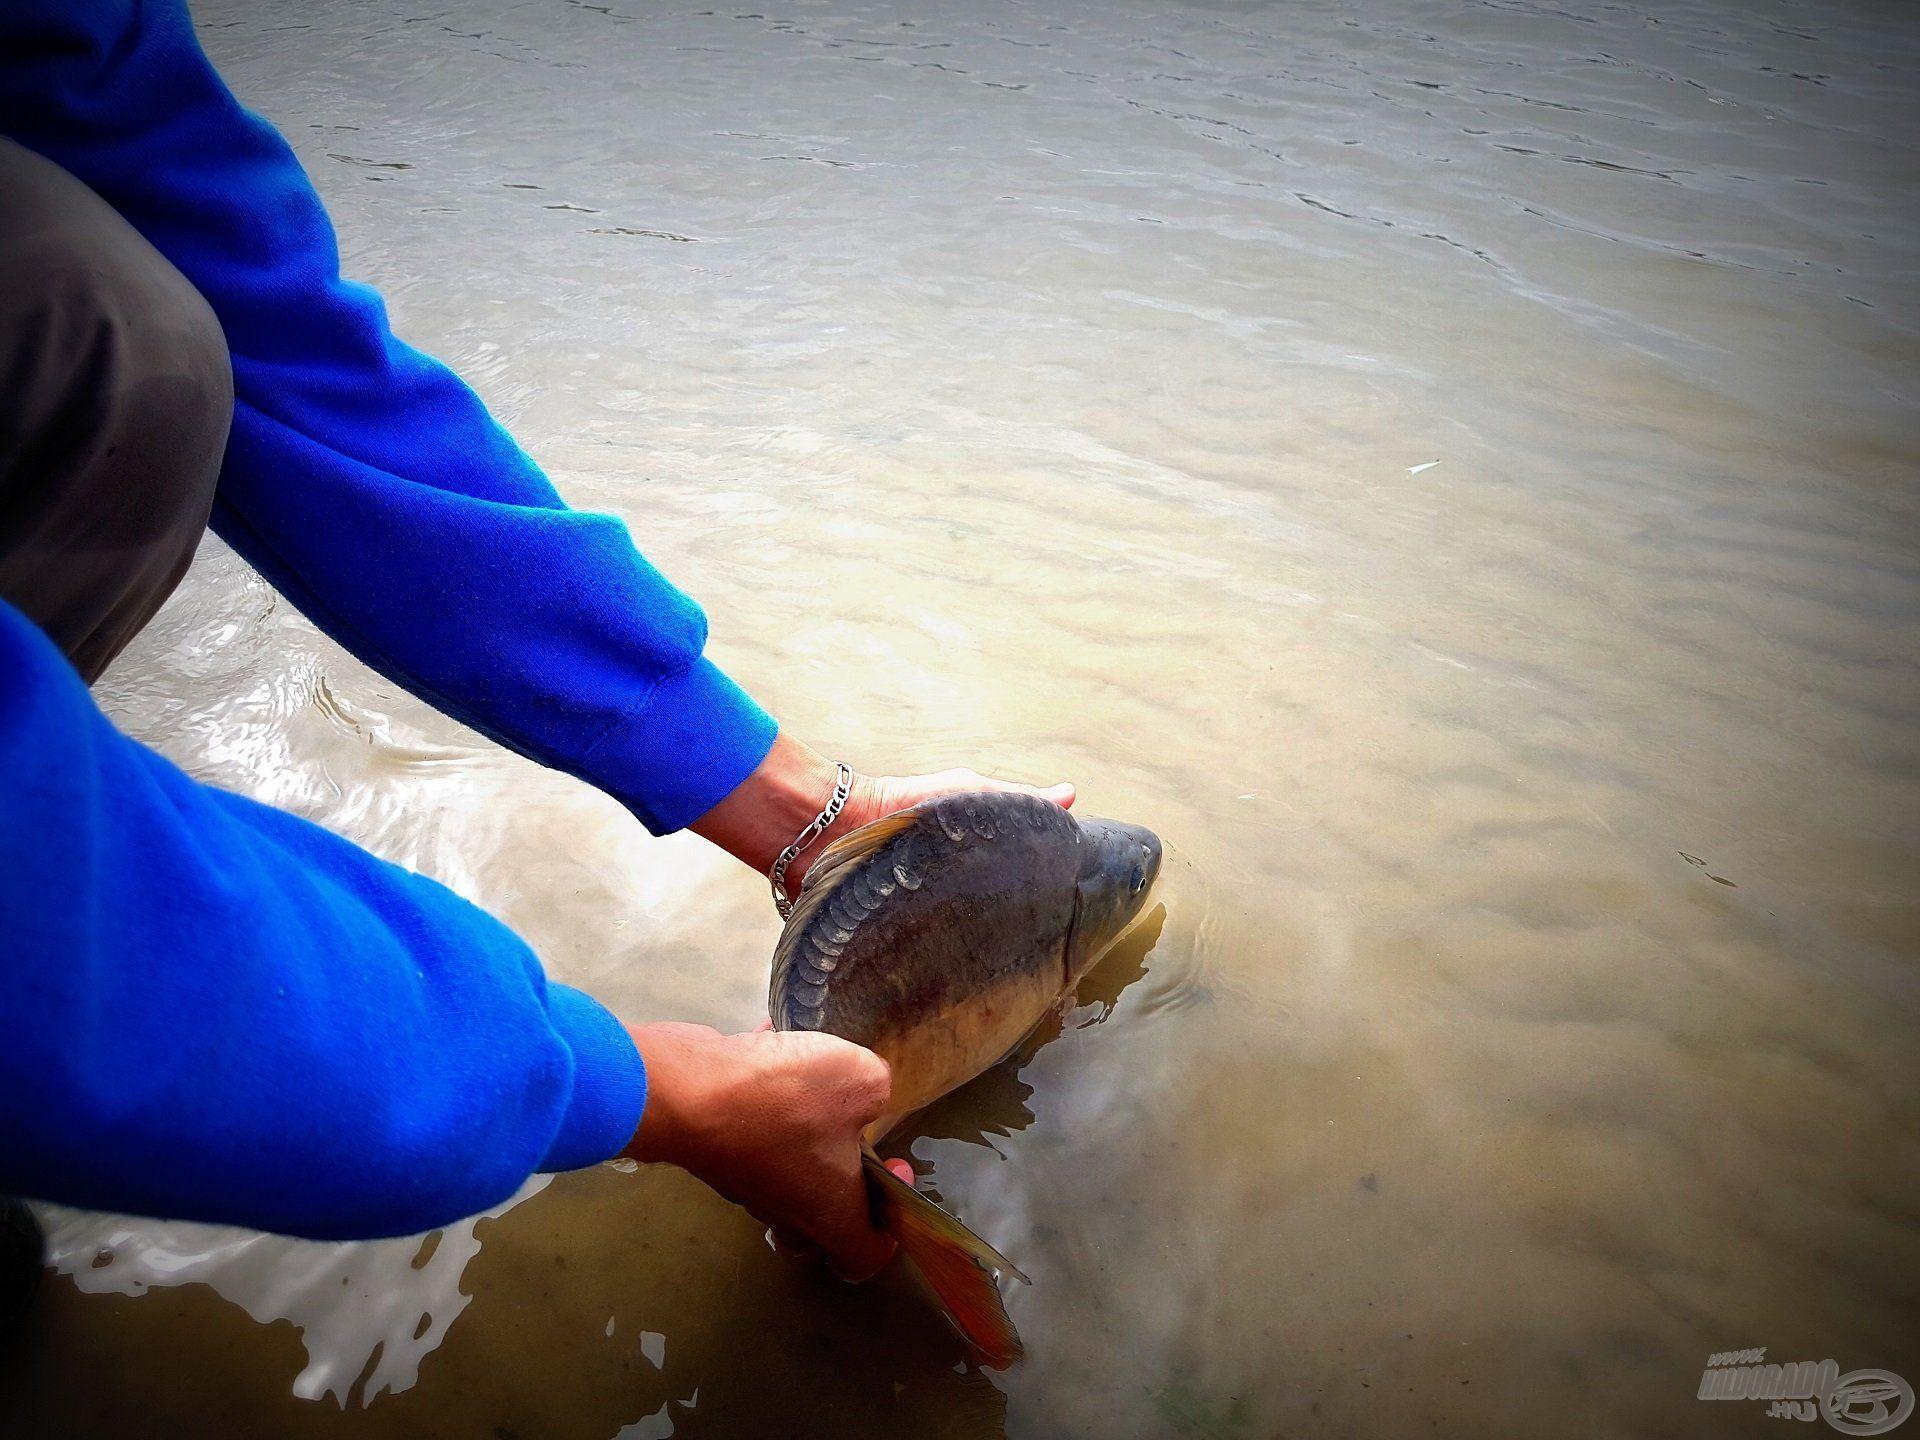 Az itteni horgászoknak szokatlan, nálam természetes mozzanat, ahogy a megfogott hal visszanyeri szabadságát